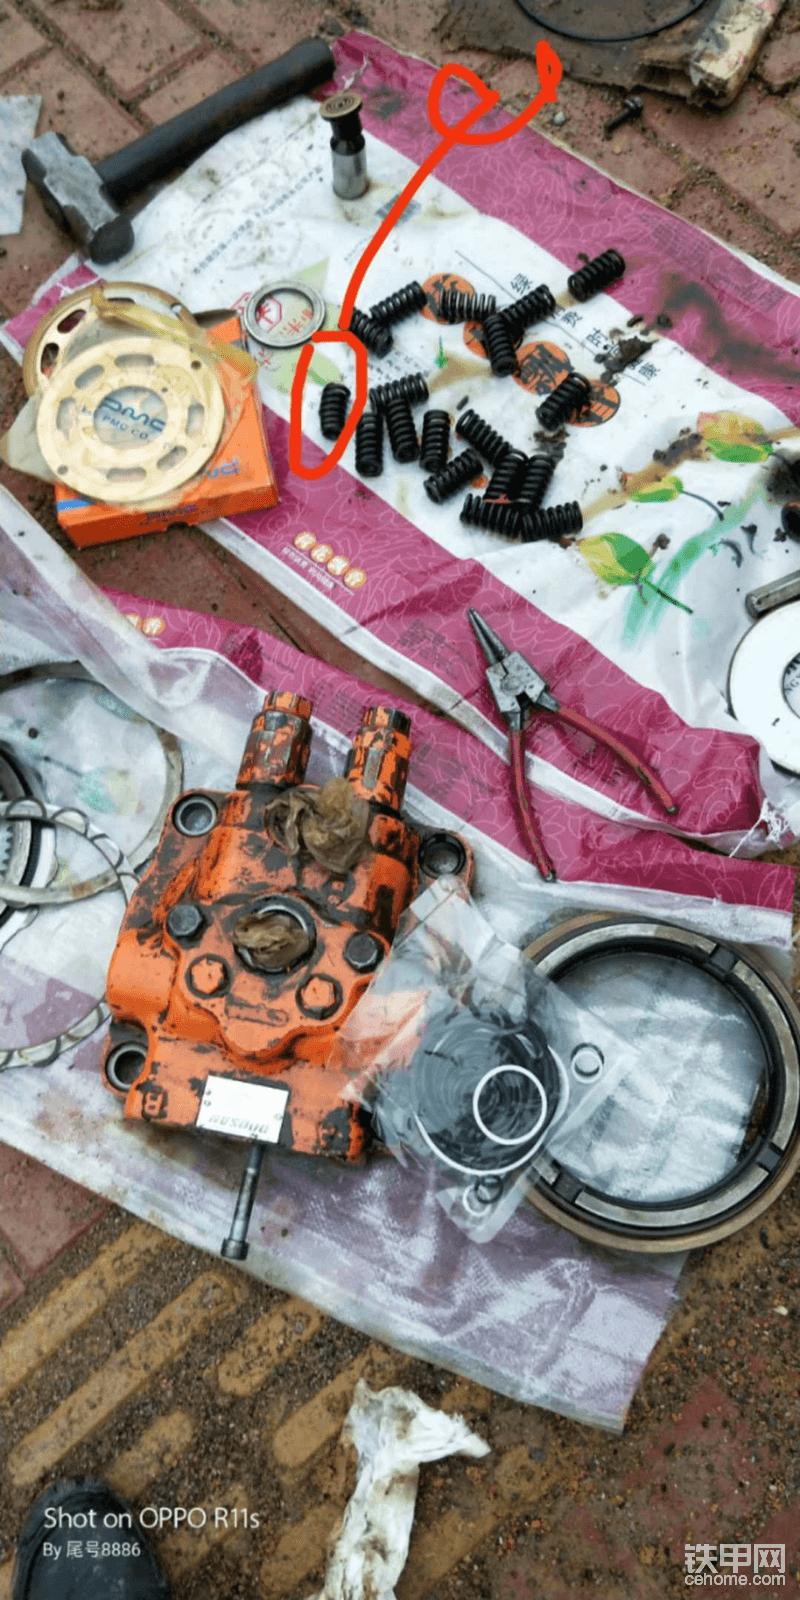 打开马达盖子发现里面的刹车弹簧有一根倒在边上已经磨到泵胆边缘,画红圈的看的出来弹簧明显变了形,最后安装的时候少装了一根弹簧,修理工说不影响使用效果,好吧,只能这样,当时也没买,周边也买不到。